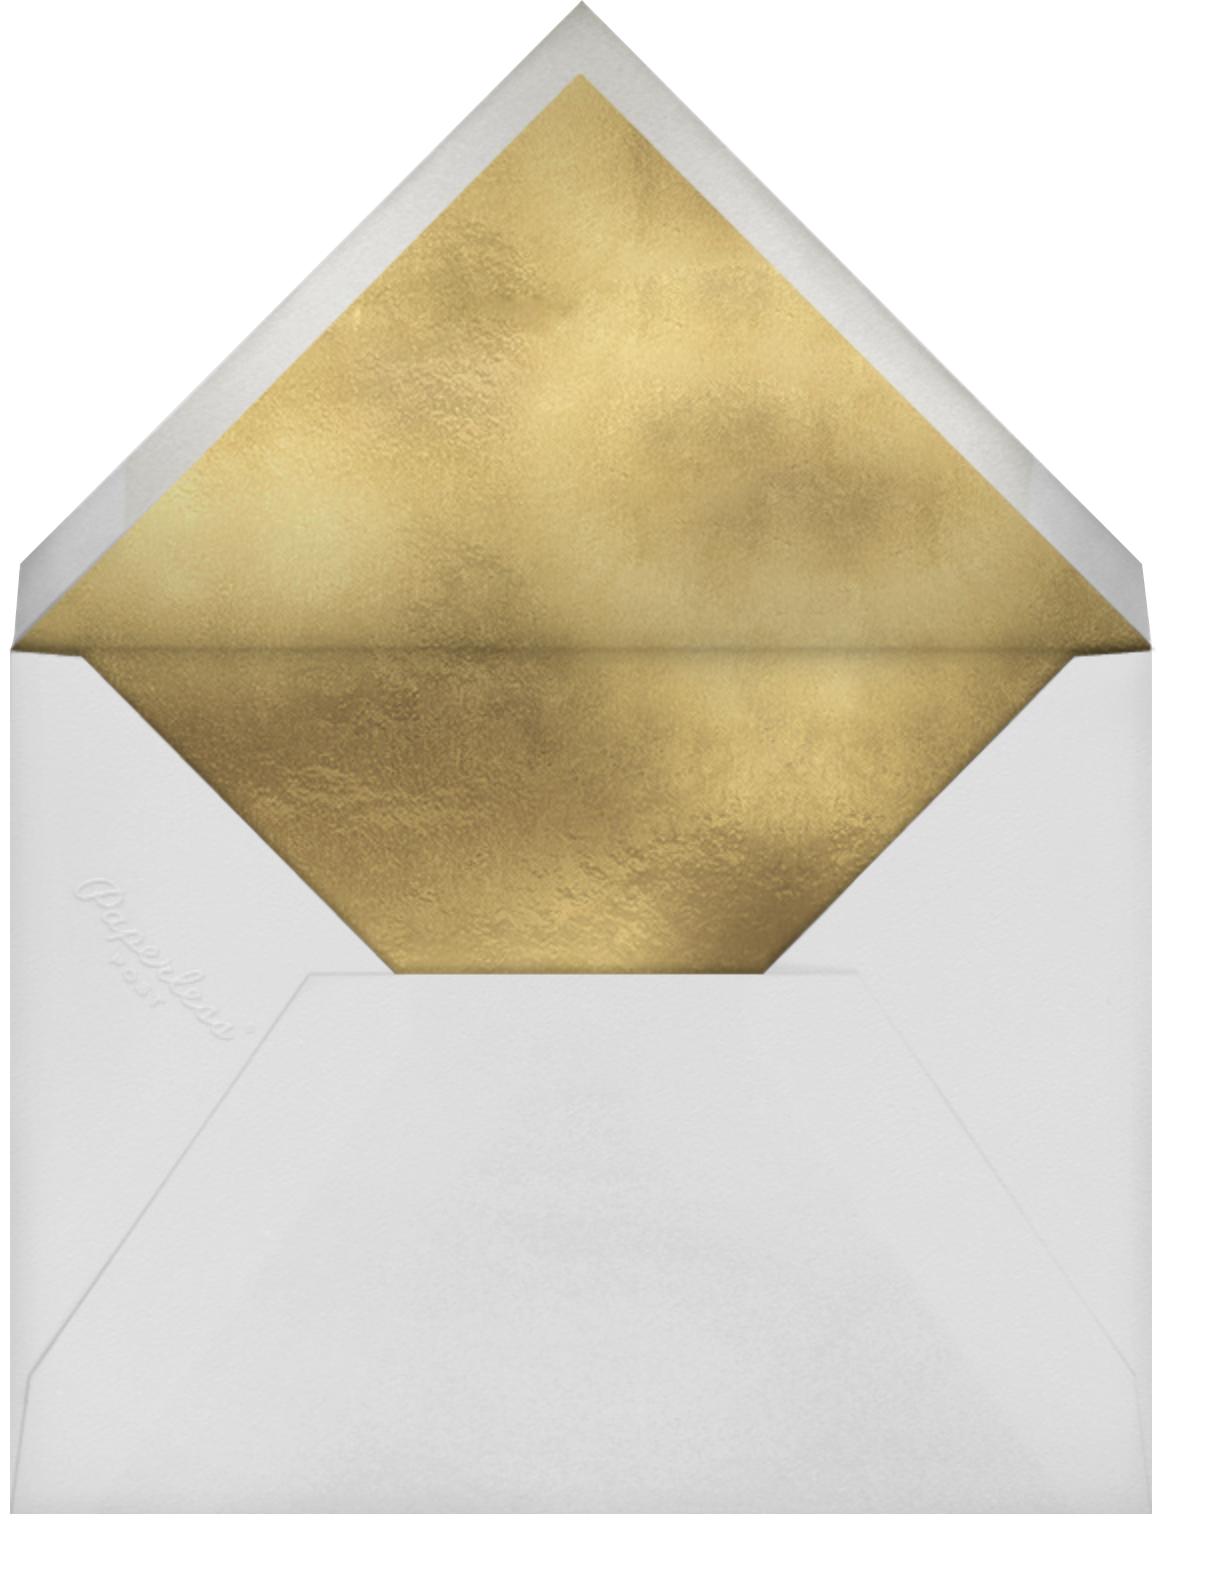 Toile de Joy - Navy - Oscar de la Renta - Envelope